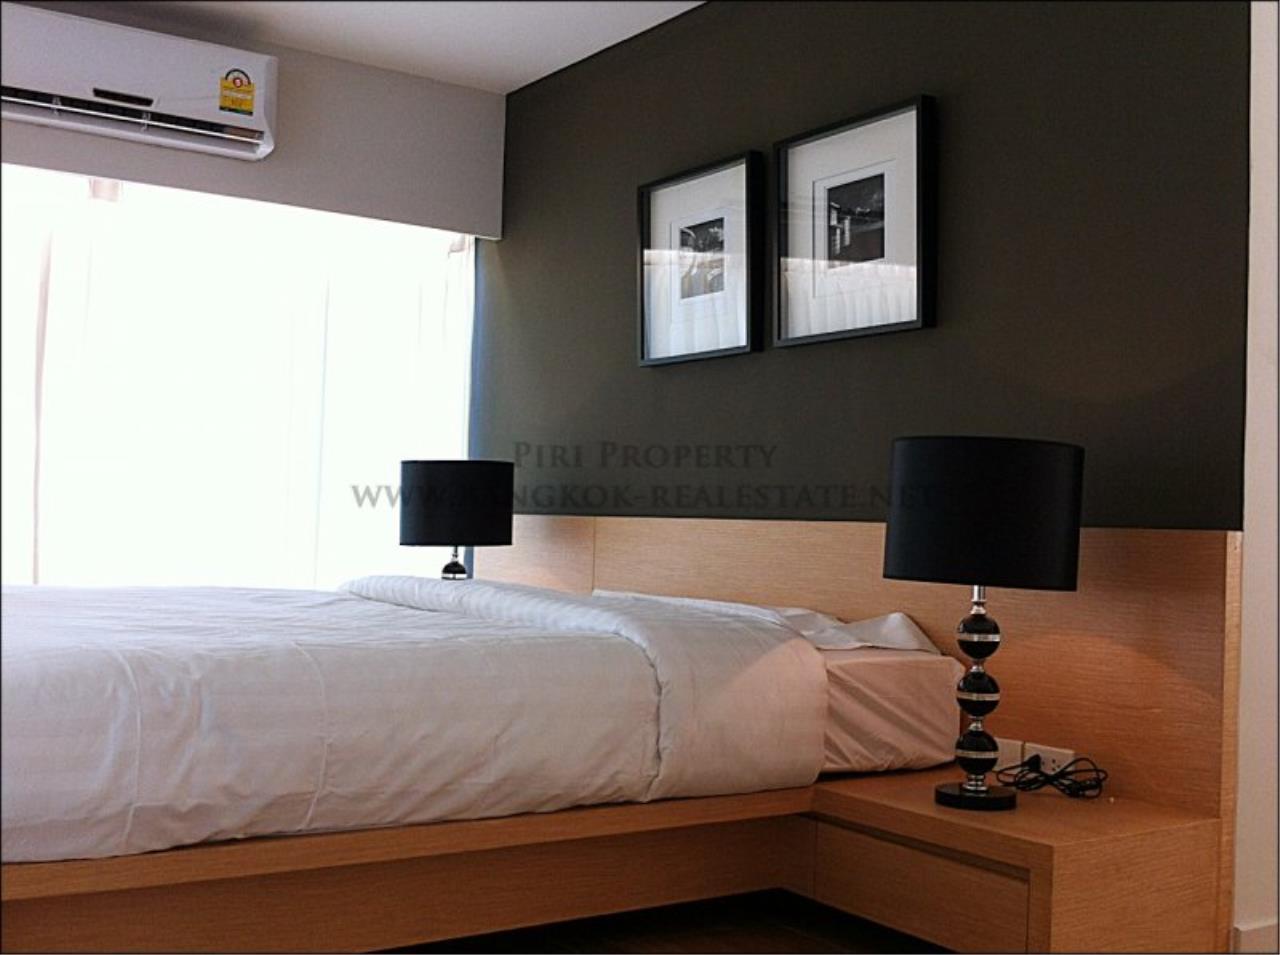 Piri Property Agency's Amazing Duplex Condominium for Rent - Emporio Place 2